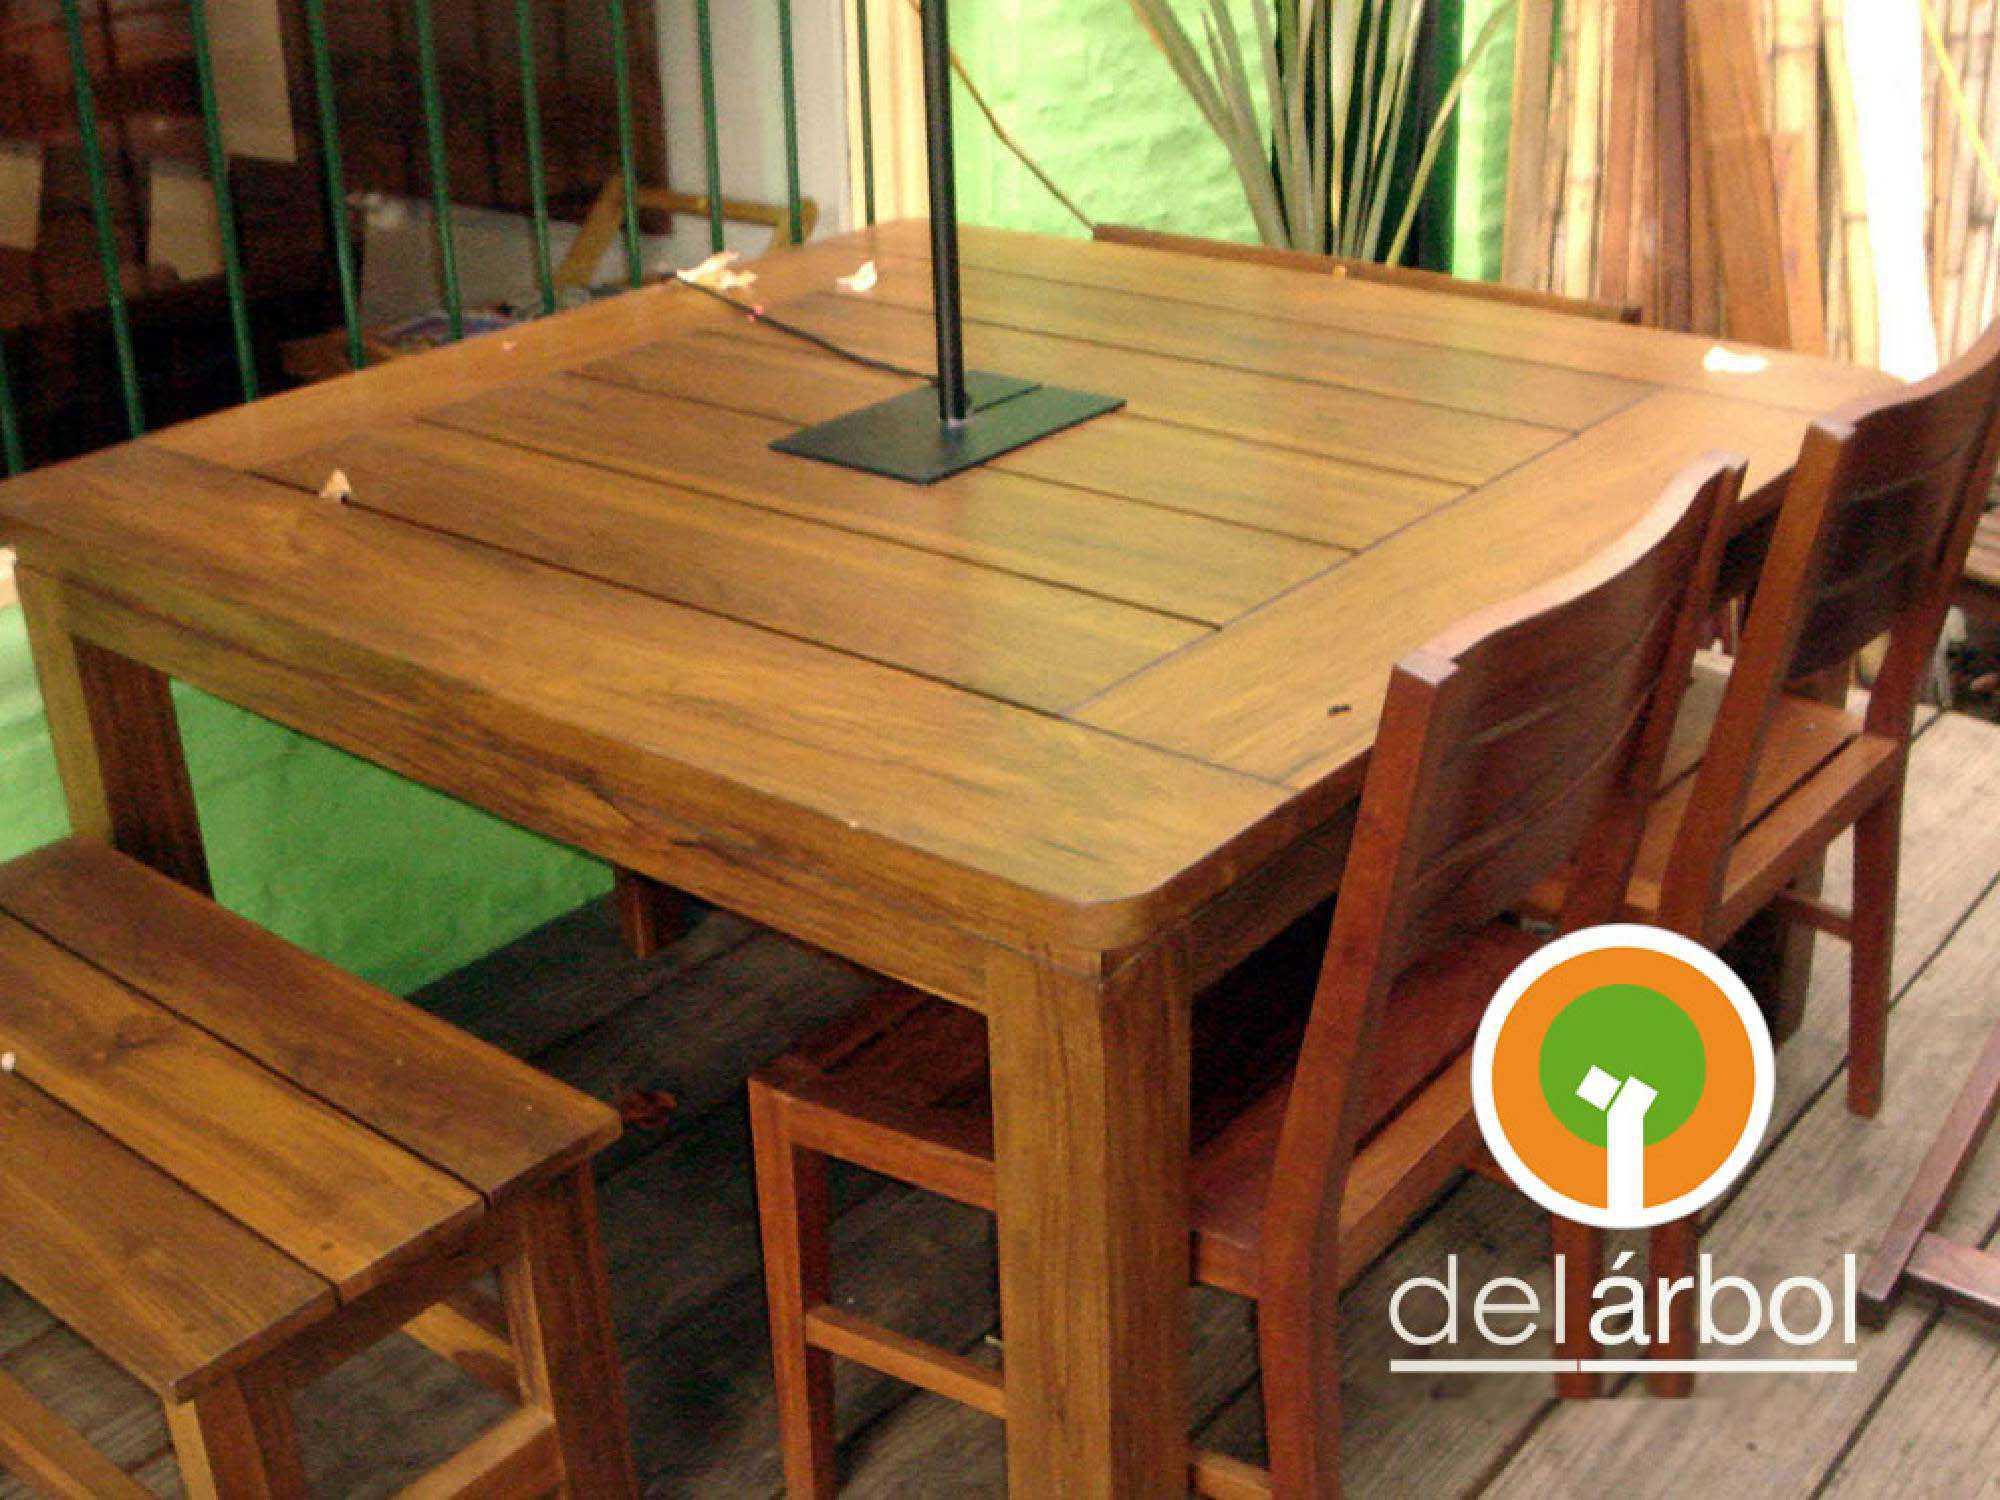 Mesa serge de madera para jard n y exterior del arbol for Fabrica de muebles para exterior